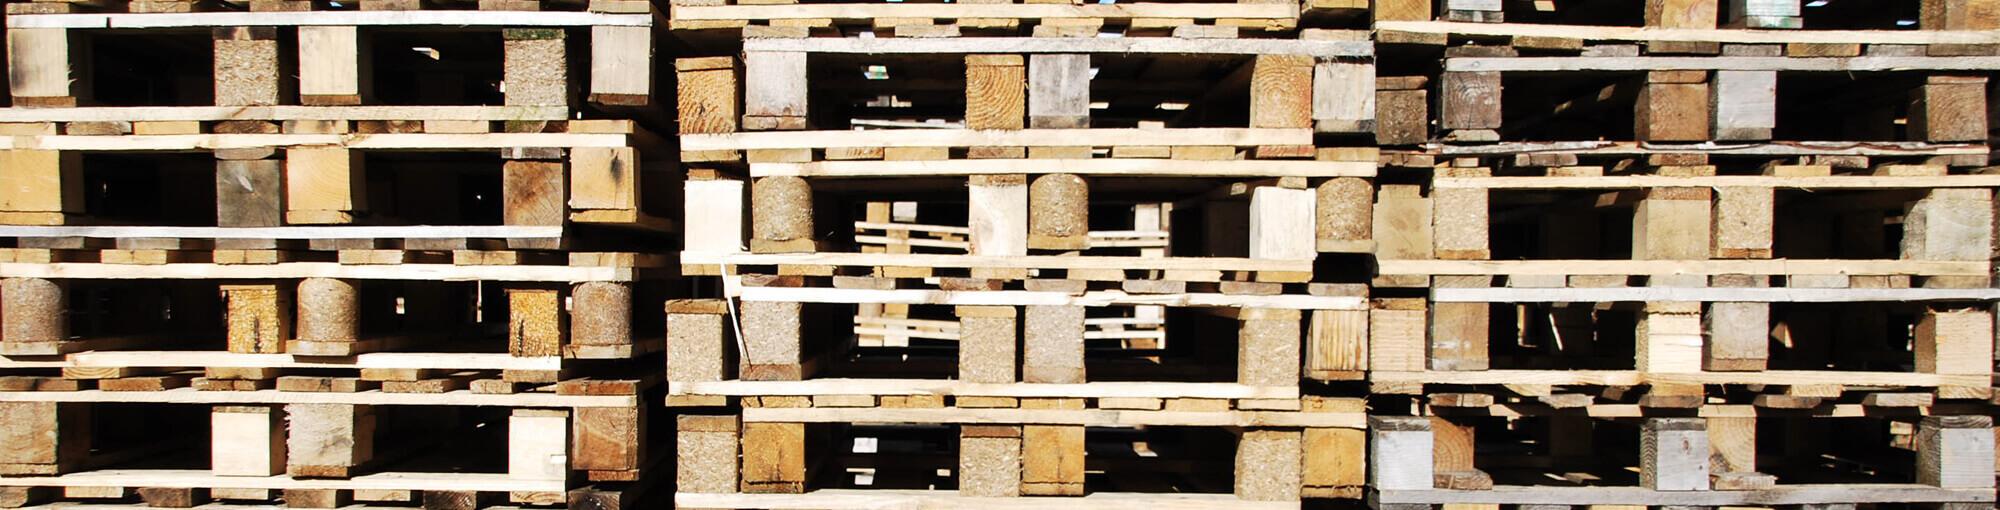 ou trouver des cagettes en bois gratuites. Black Bedroom Furniture Sets. Home Design Ideas